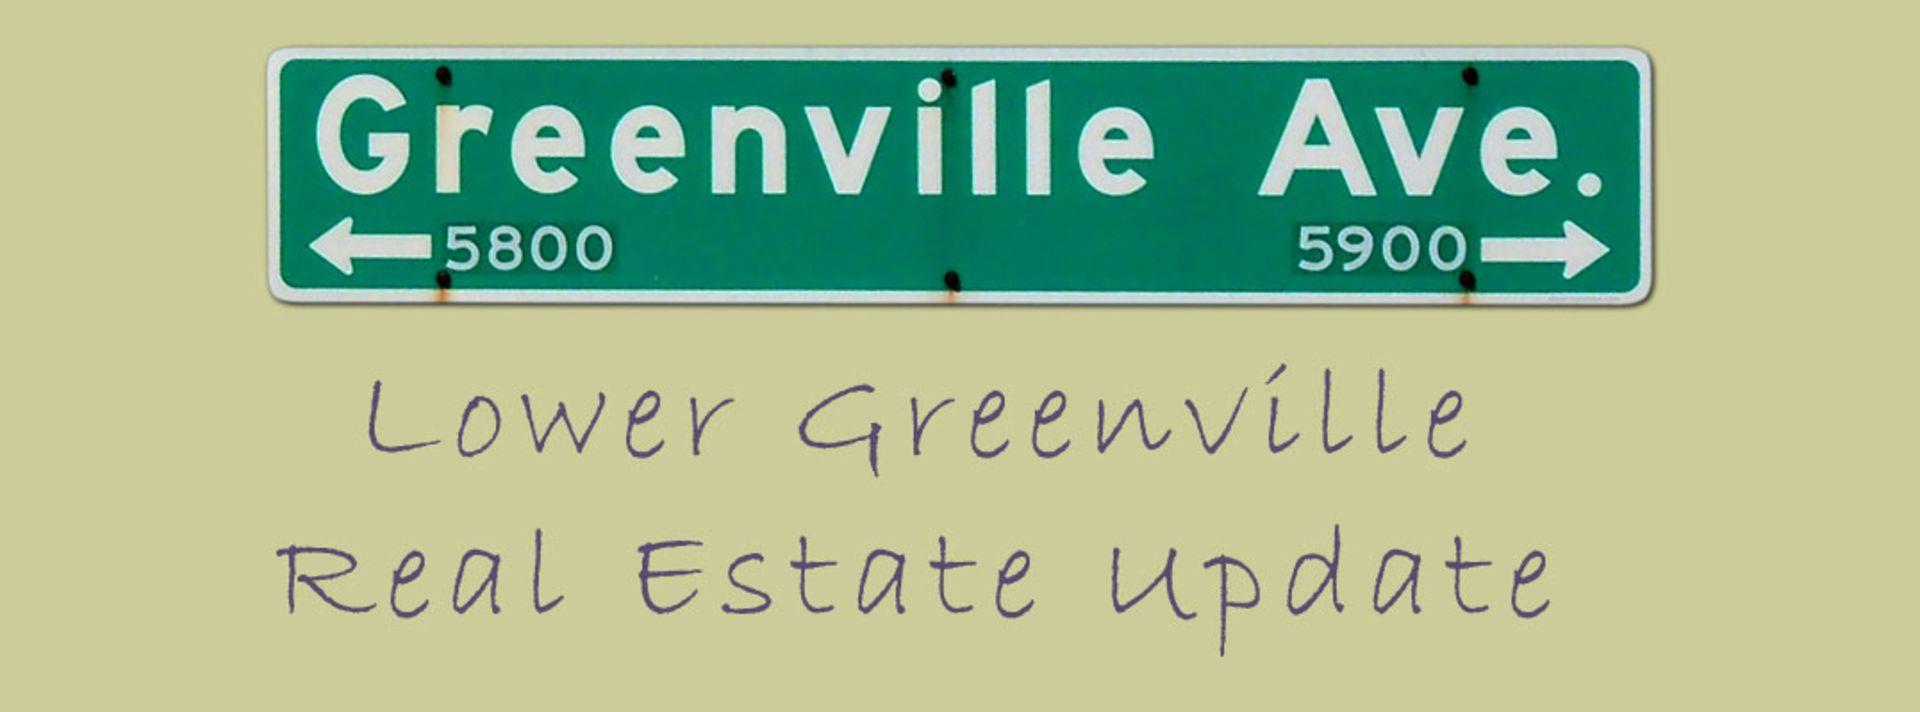 Lower Greenville Market Update